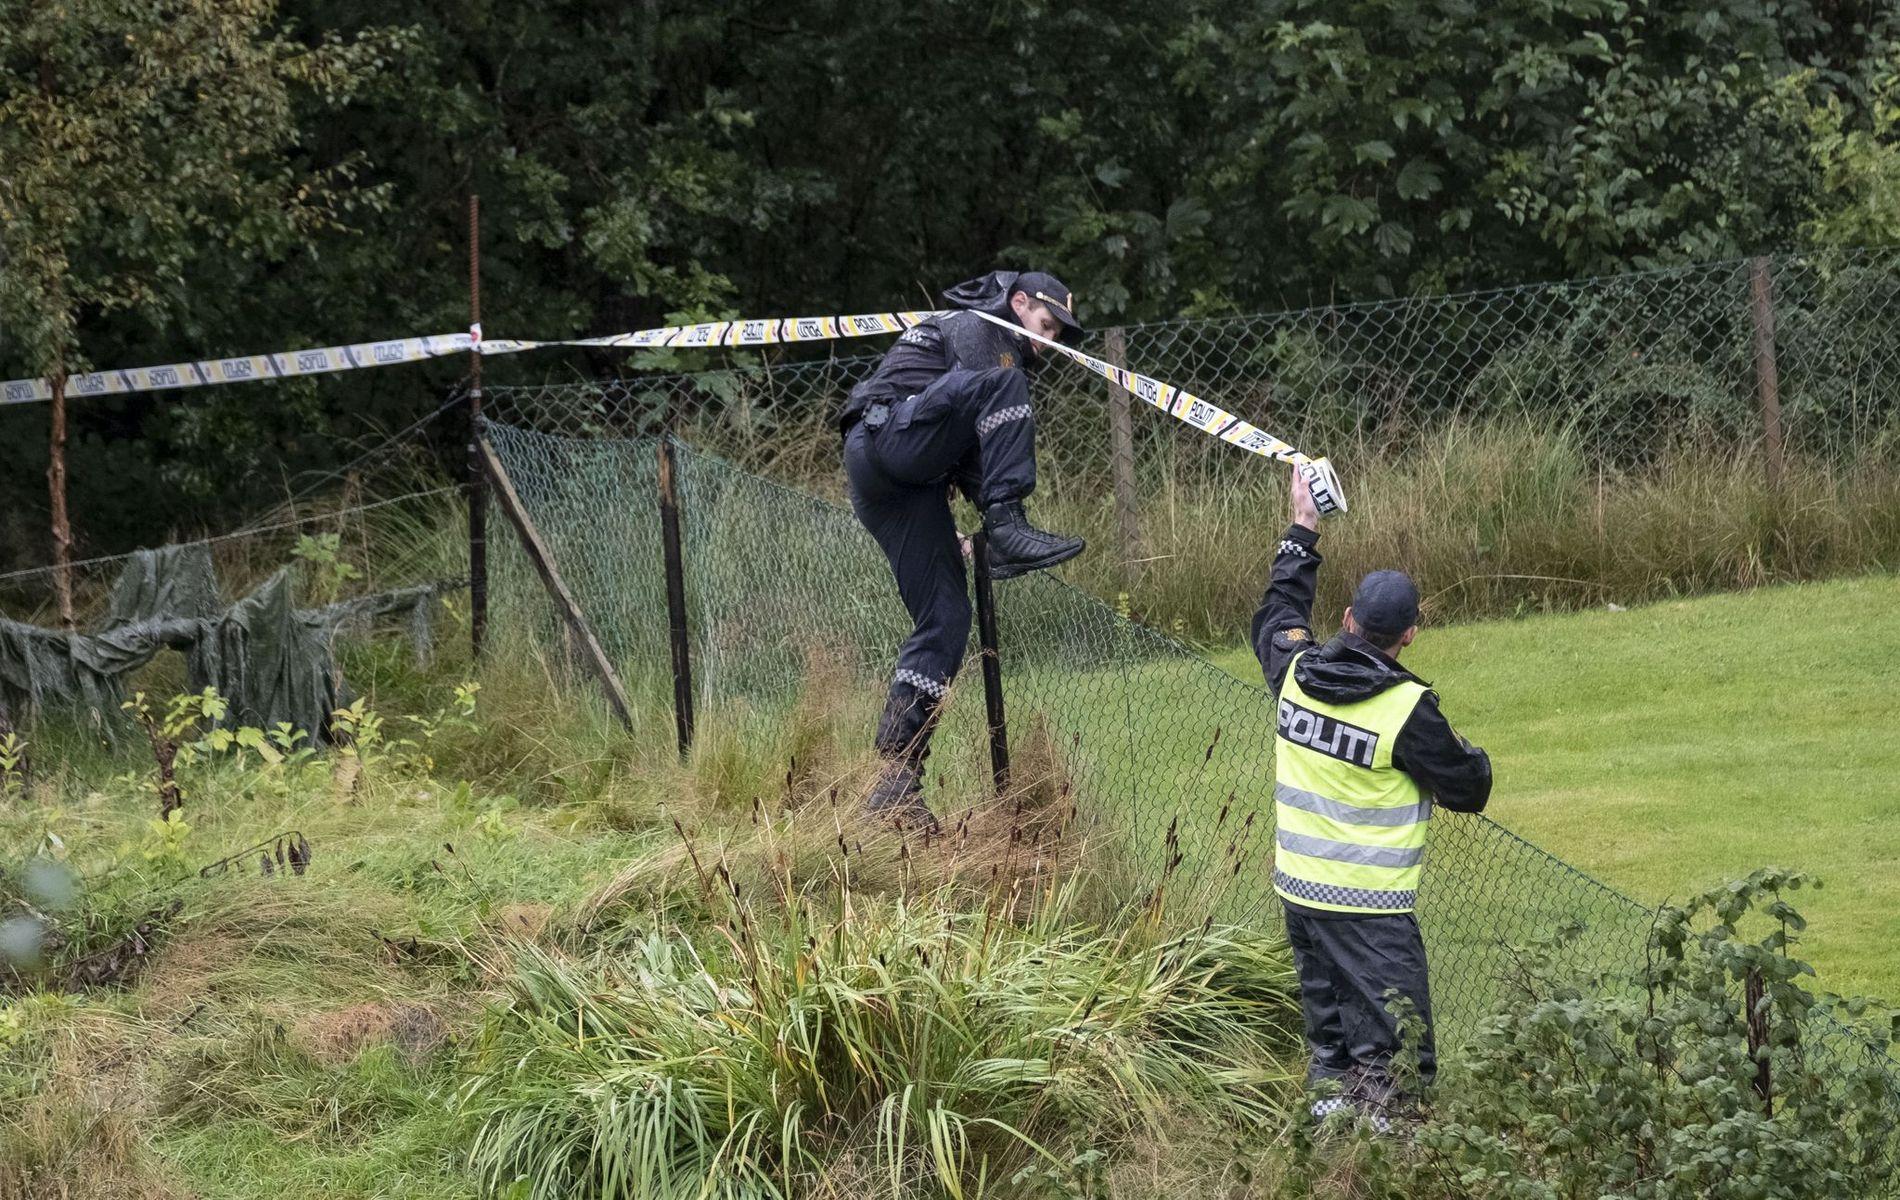 BOLIGHUS: Politiets bombegruppe fra Oslo og eksperter fra Forsvaret er på stedet.